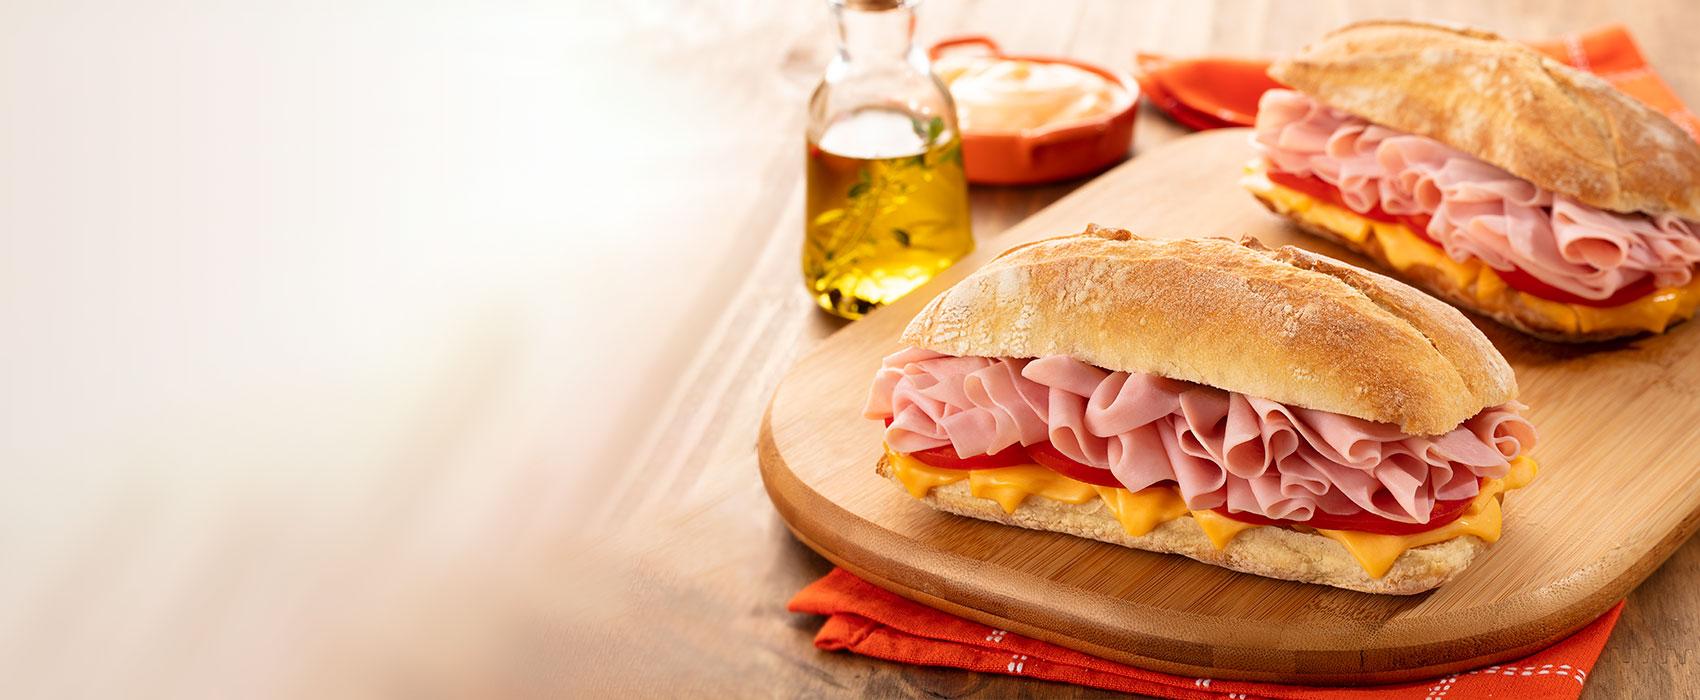 fundo com um pão com mortadela fatiada e queijo cheddar em cima de uma mesa